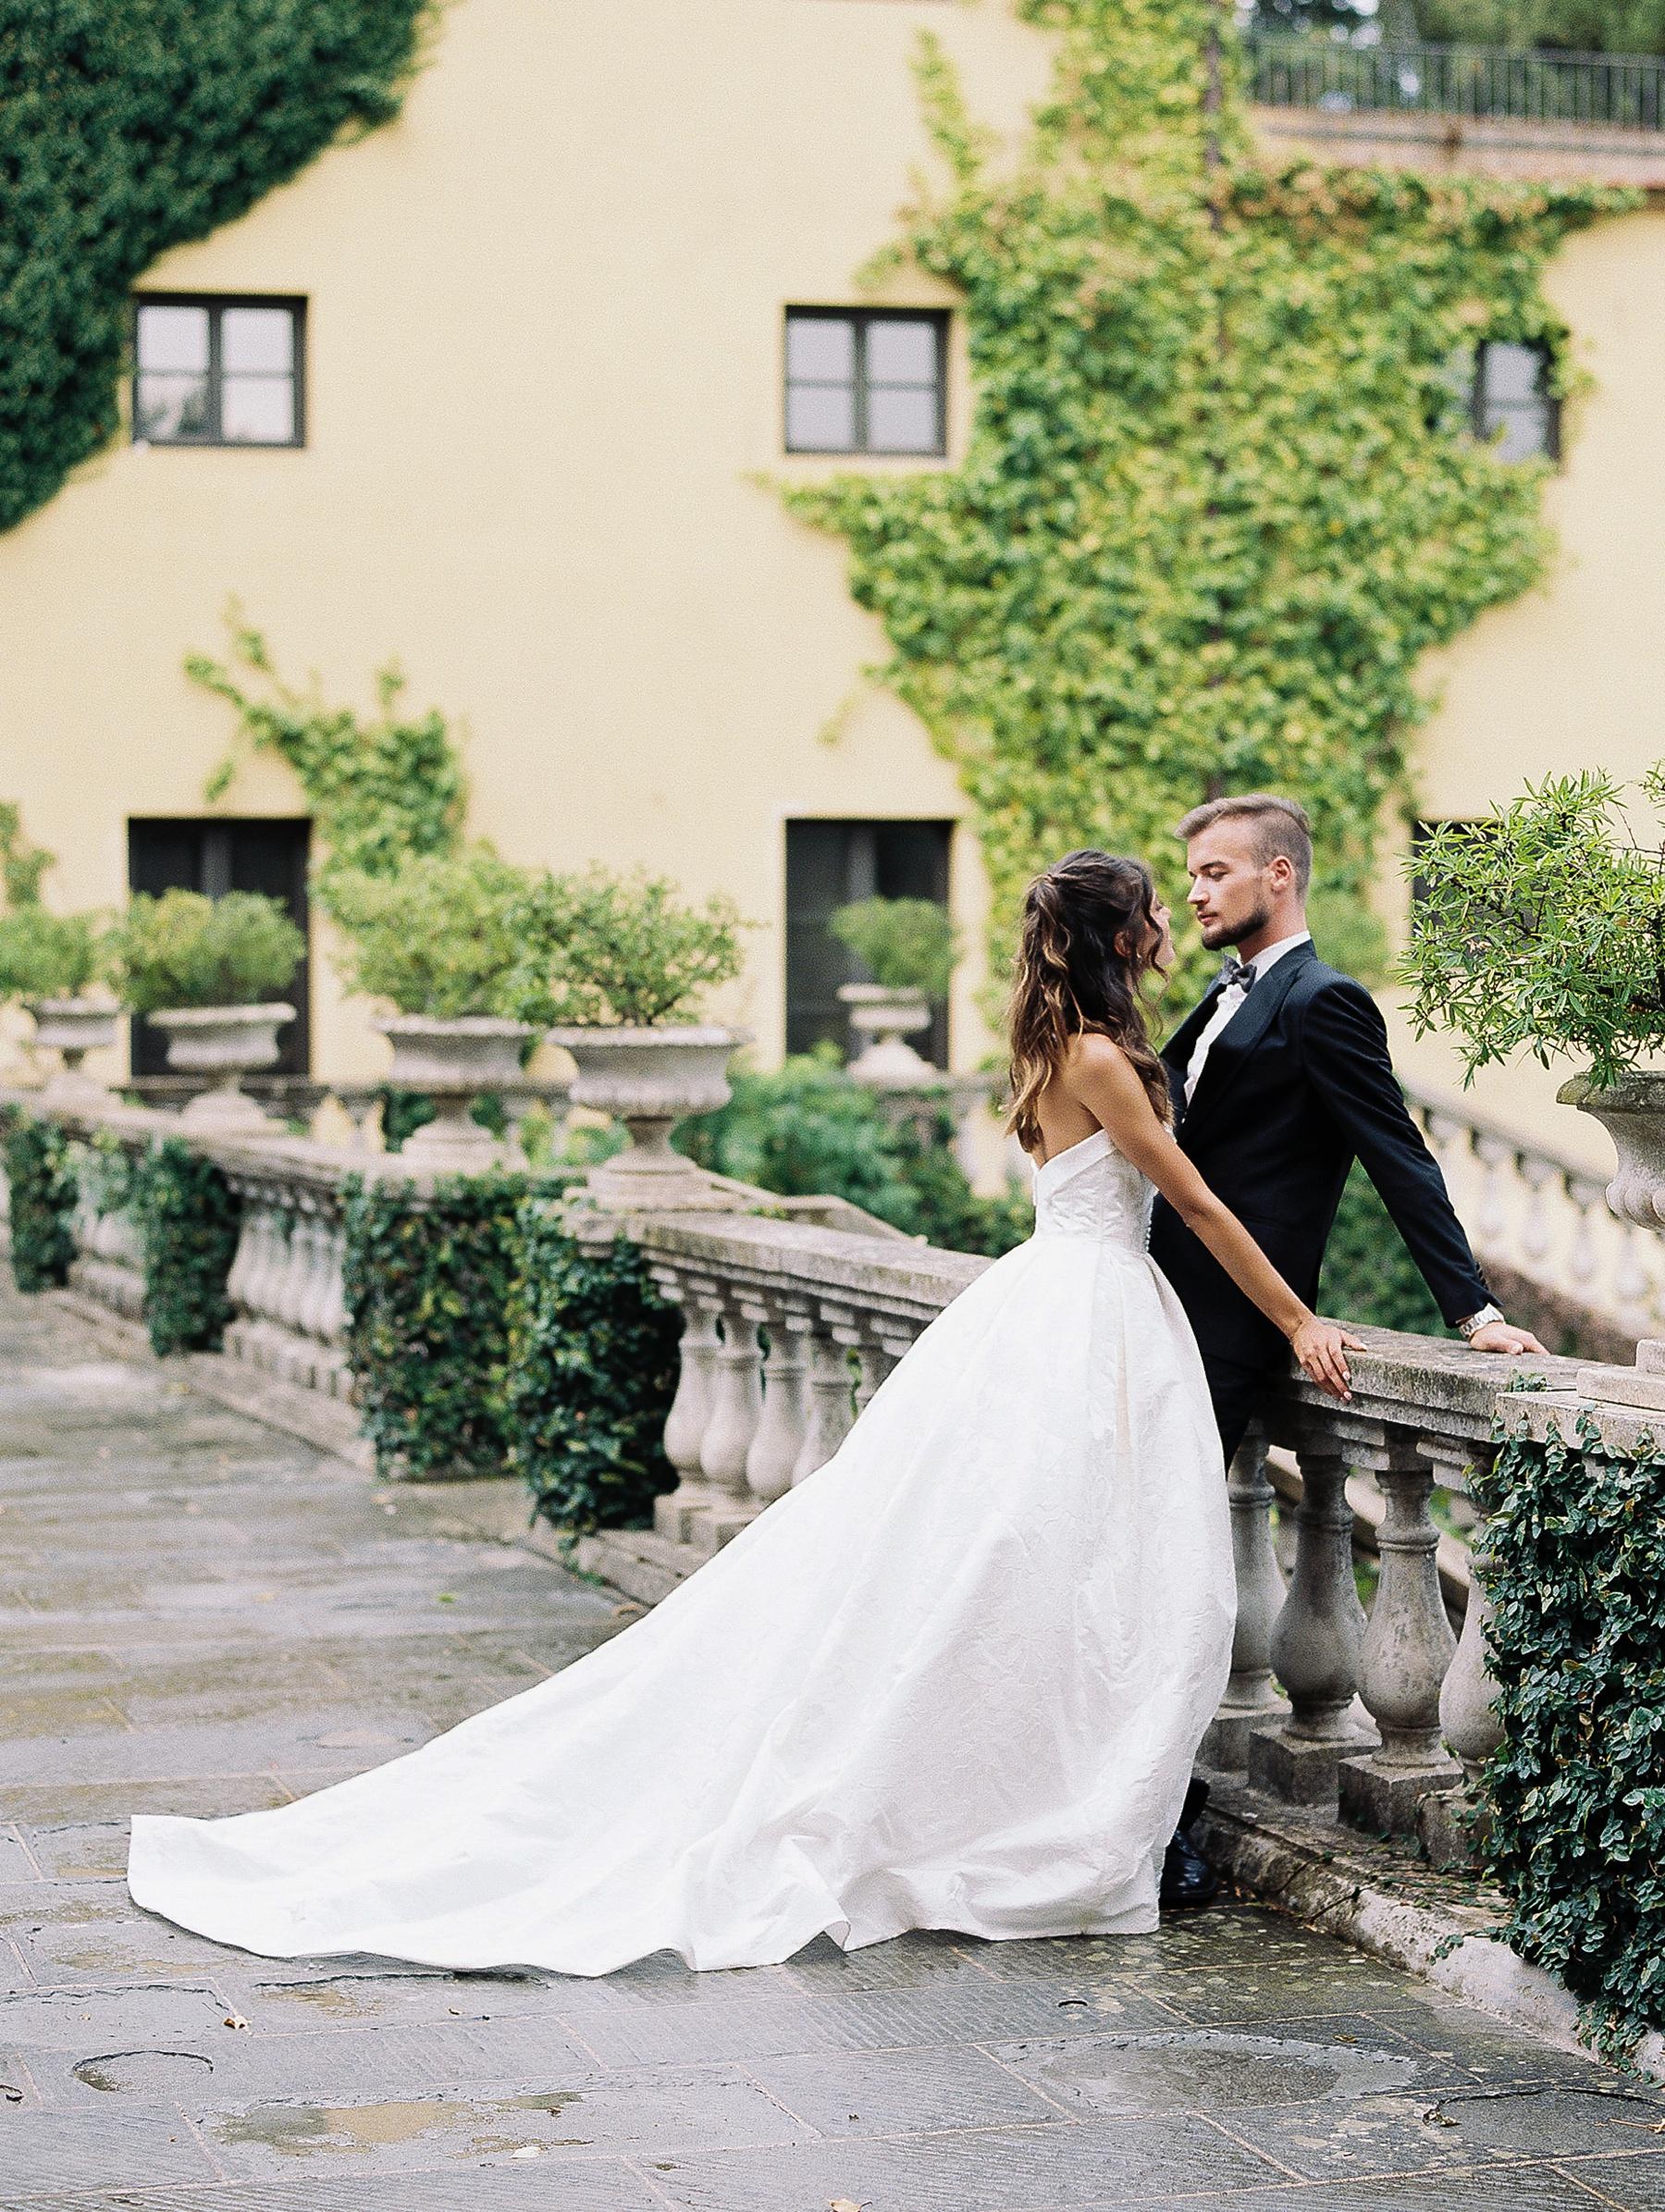 Il Borro Tuscany Italy Wedding Photographer_0842.jpg